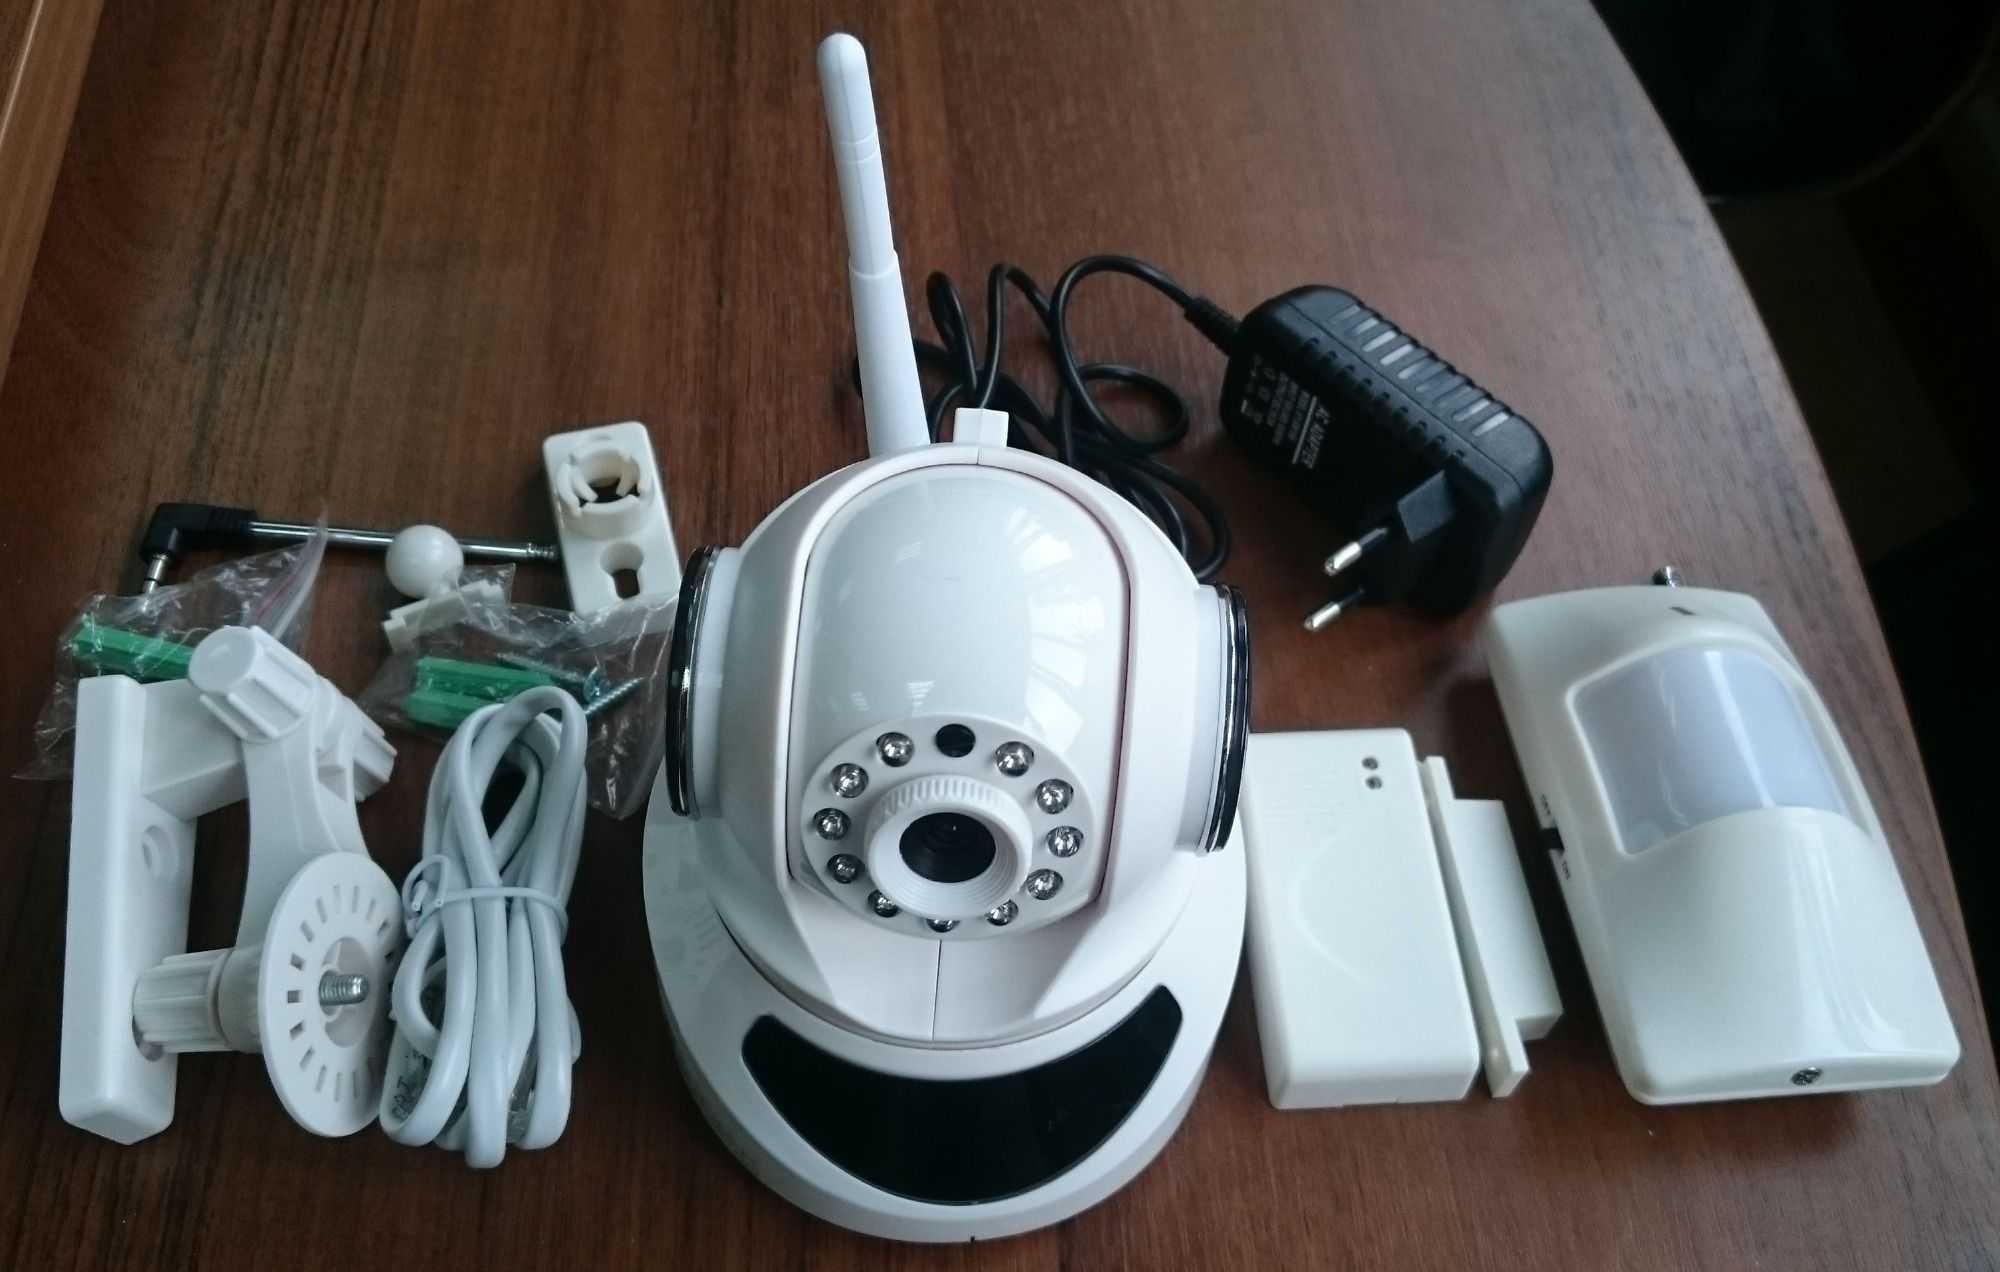 камера видеонаблюдения с датчиком движения